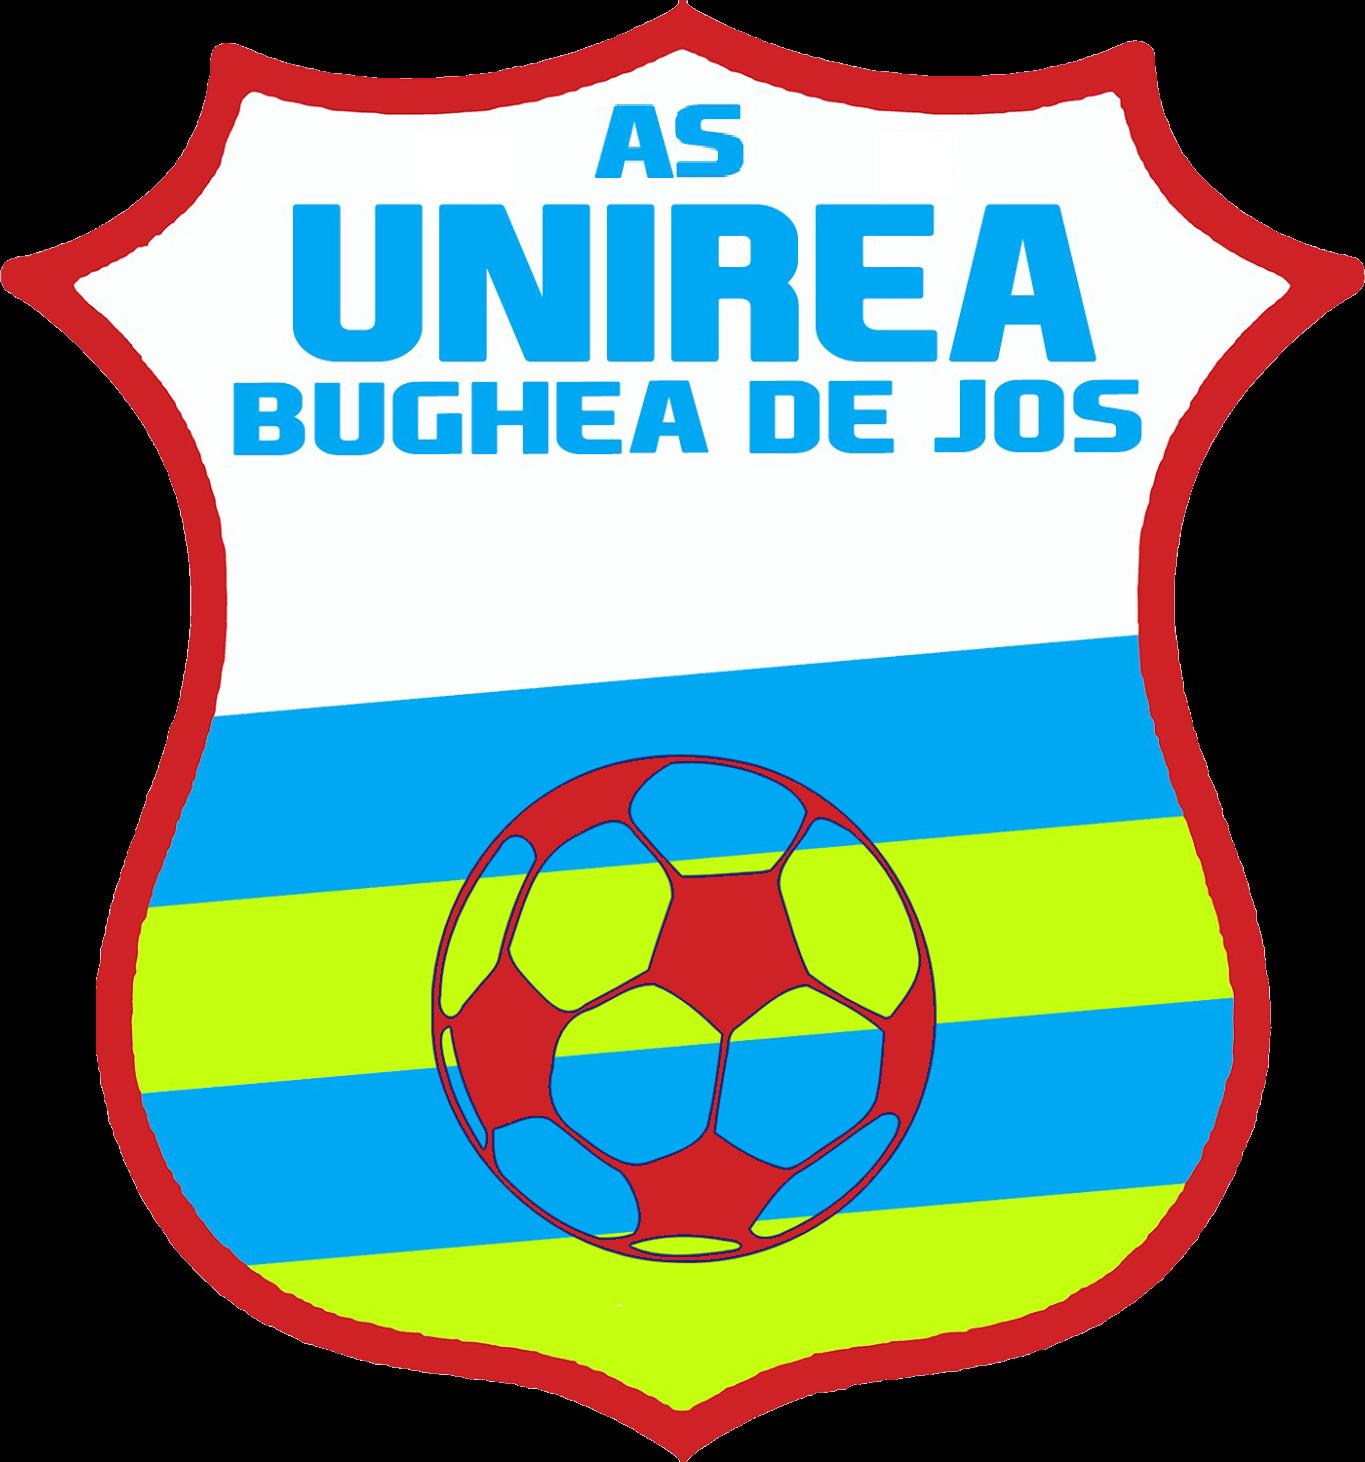 A S Unirea Bughea de Jos